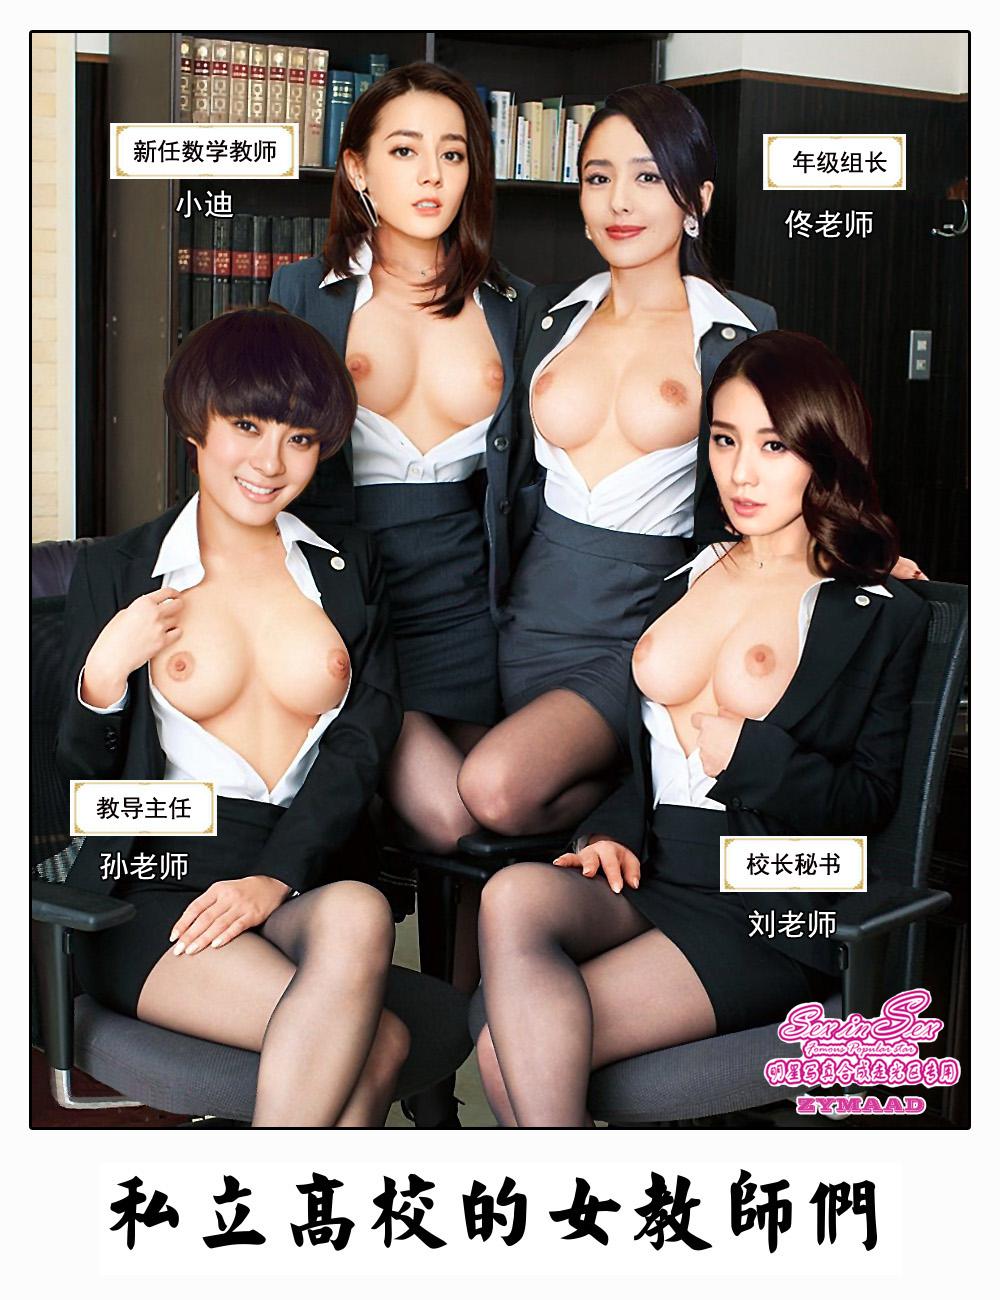 【明星合成】私立高校的女教���� - 第1张  | 性趣套图